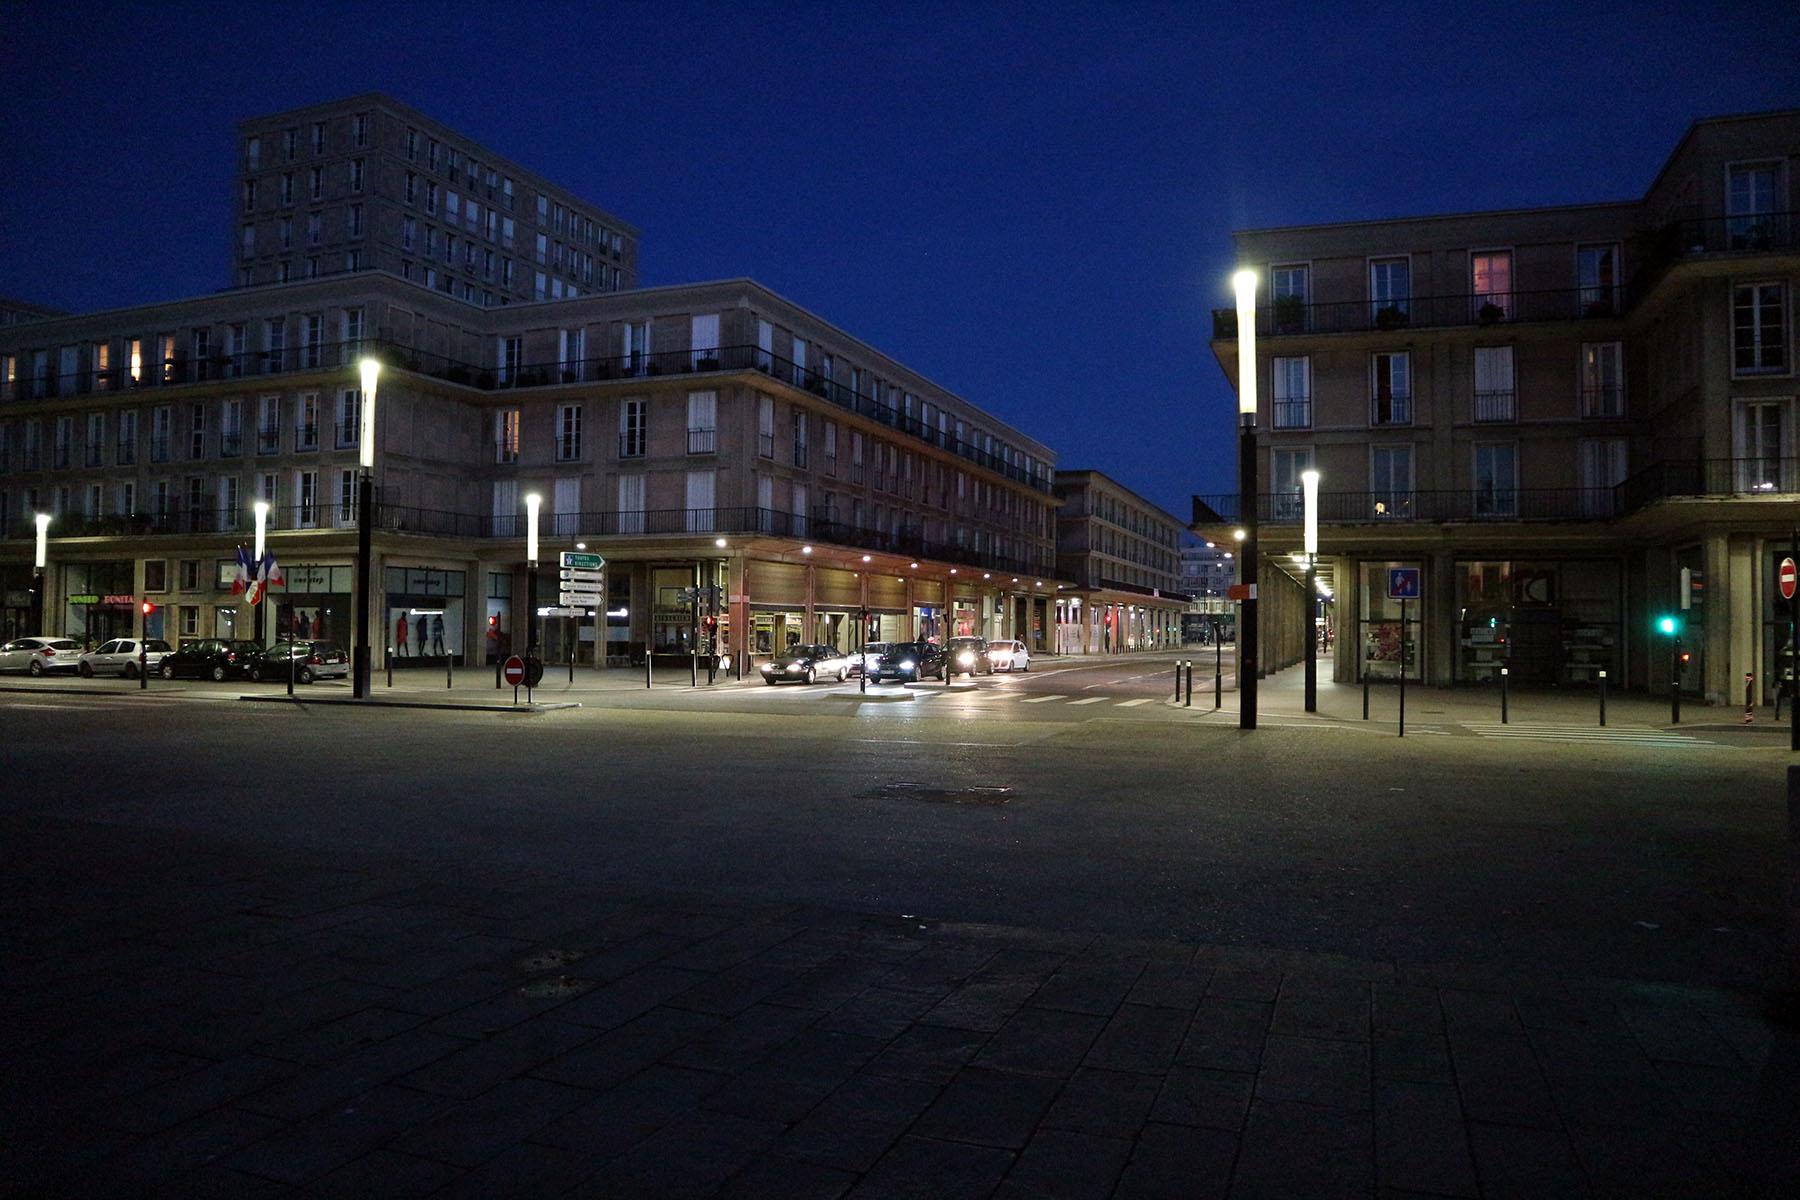 Das monumentale Dreieck. Vom Place de l'Hôtel-de-Ville führt die arkadengesäumte Rue de Paris zum Hafen und den Kreuzfahrtterminals.